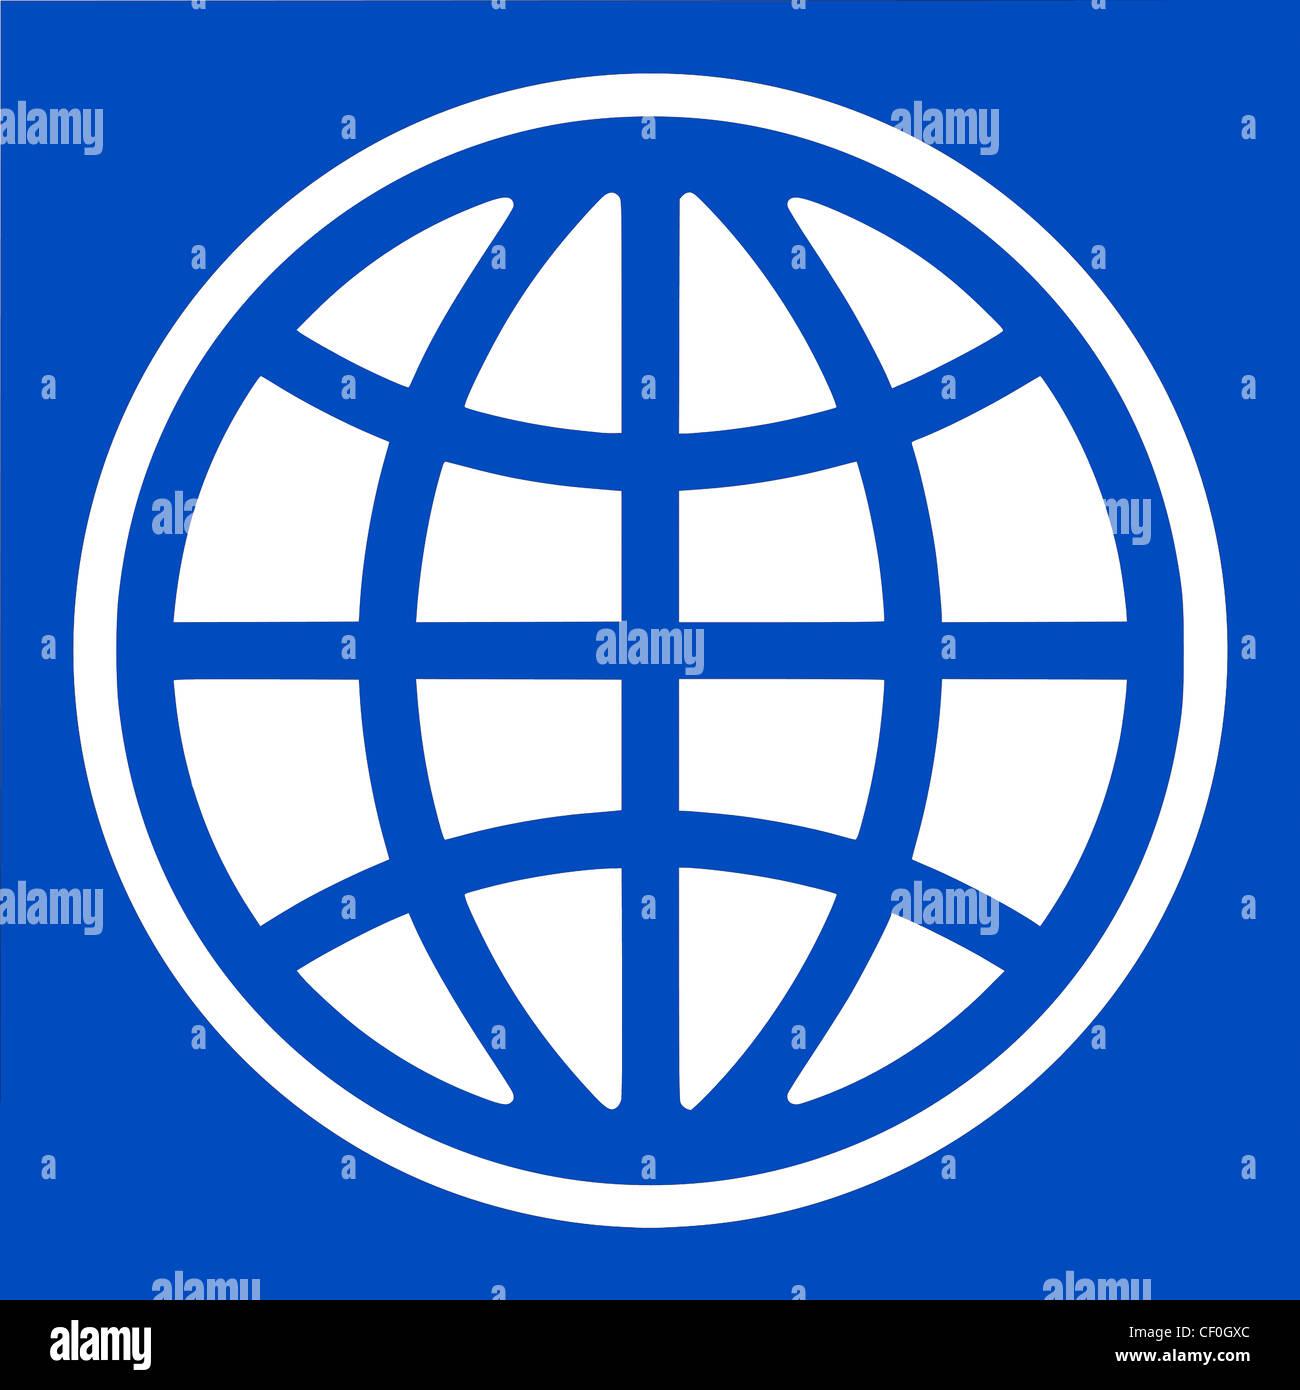 Logo of the World Bank based in Washington. - Stock Image